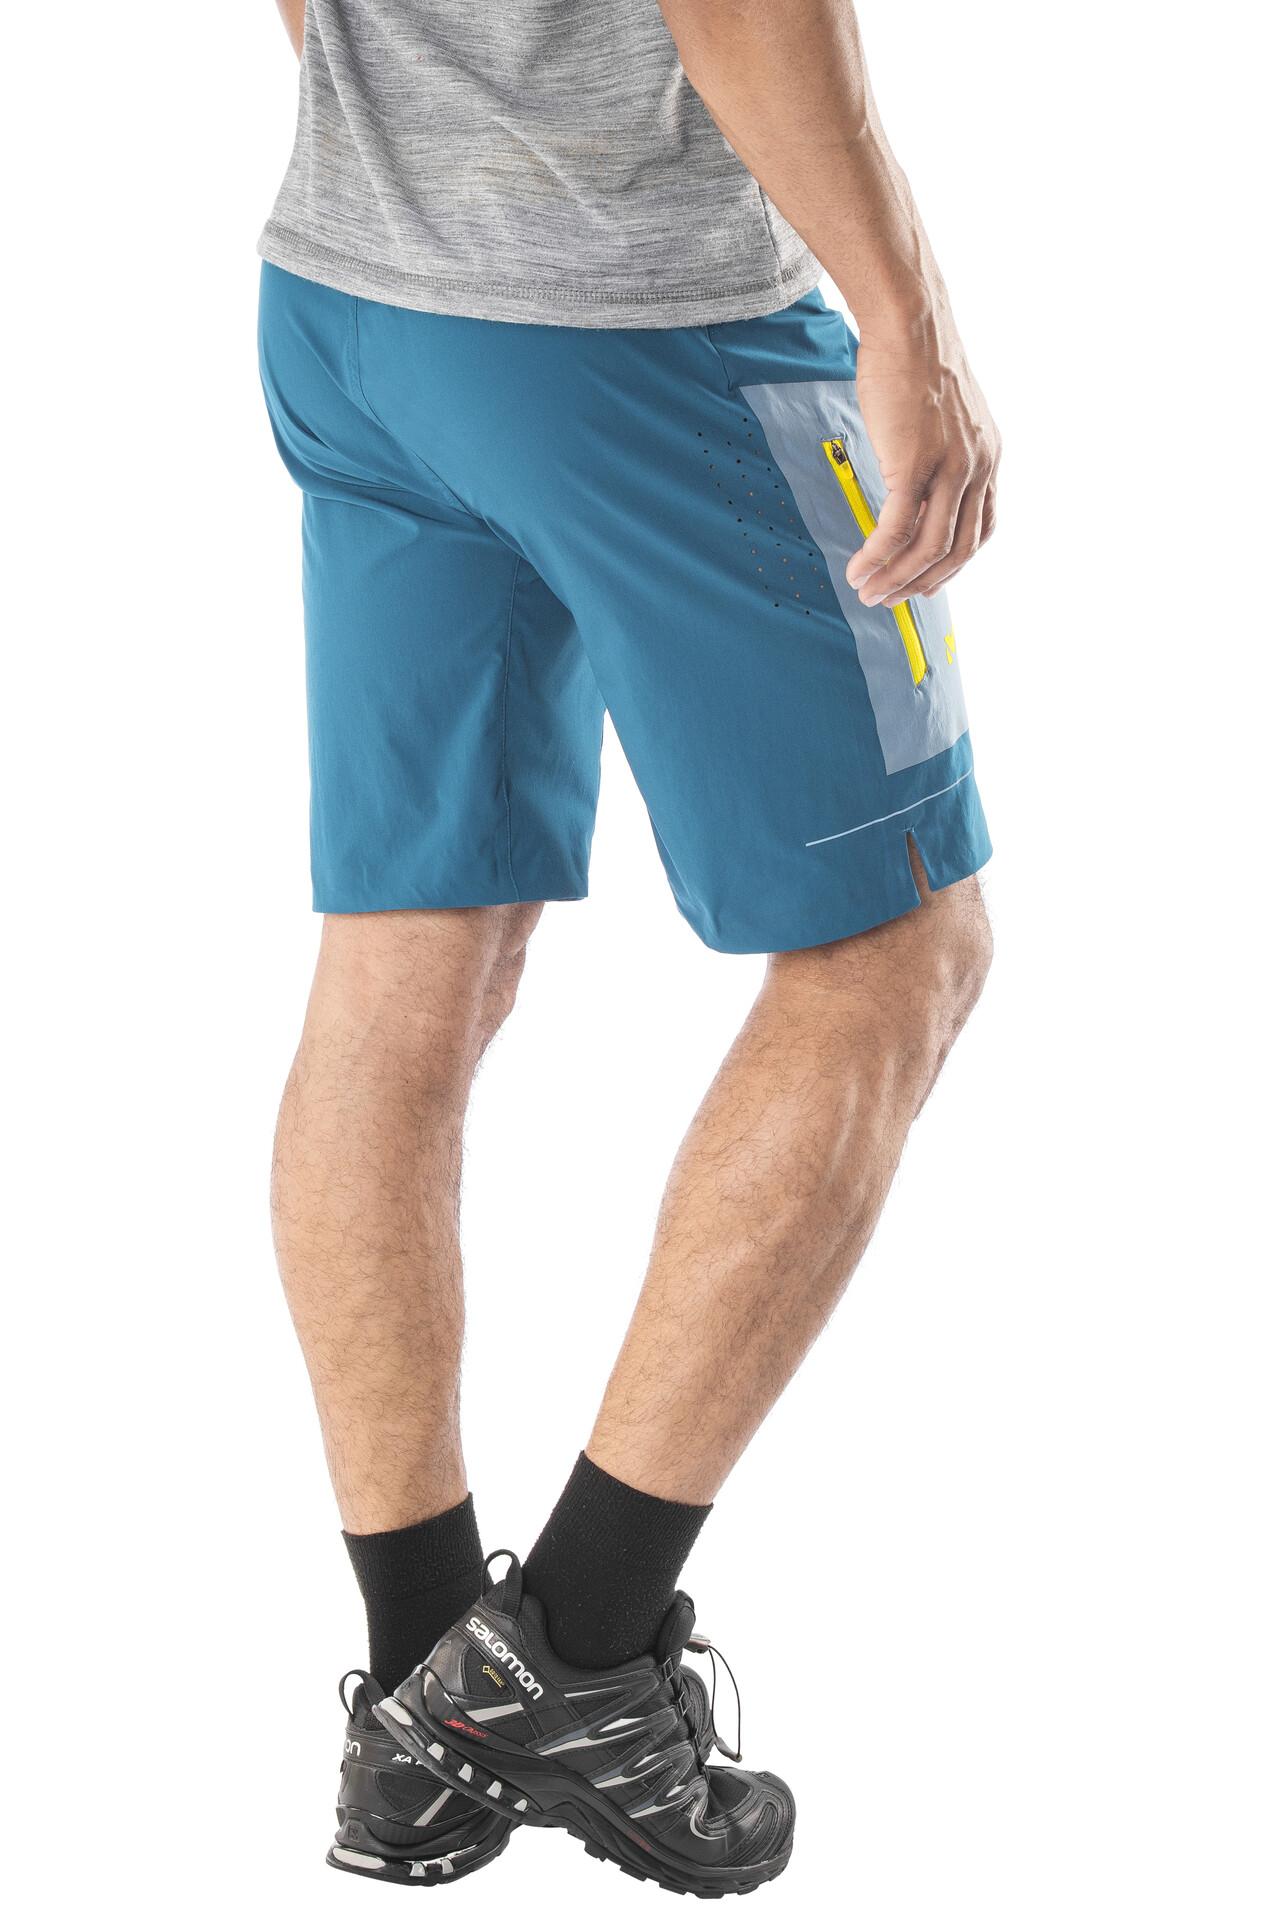 fac8f3eeff703 Millet speed pantalones cortos hombre amarillo azul jpg 3840x5760 Pantalones  cortos de hombre